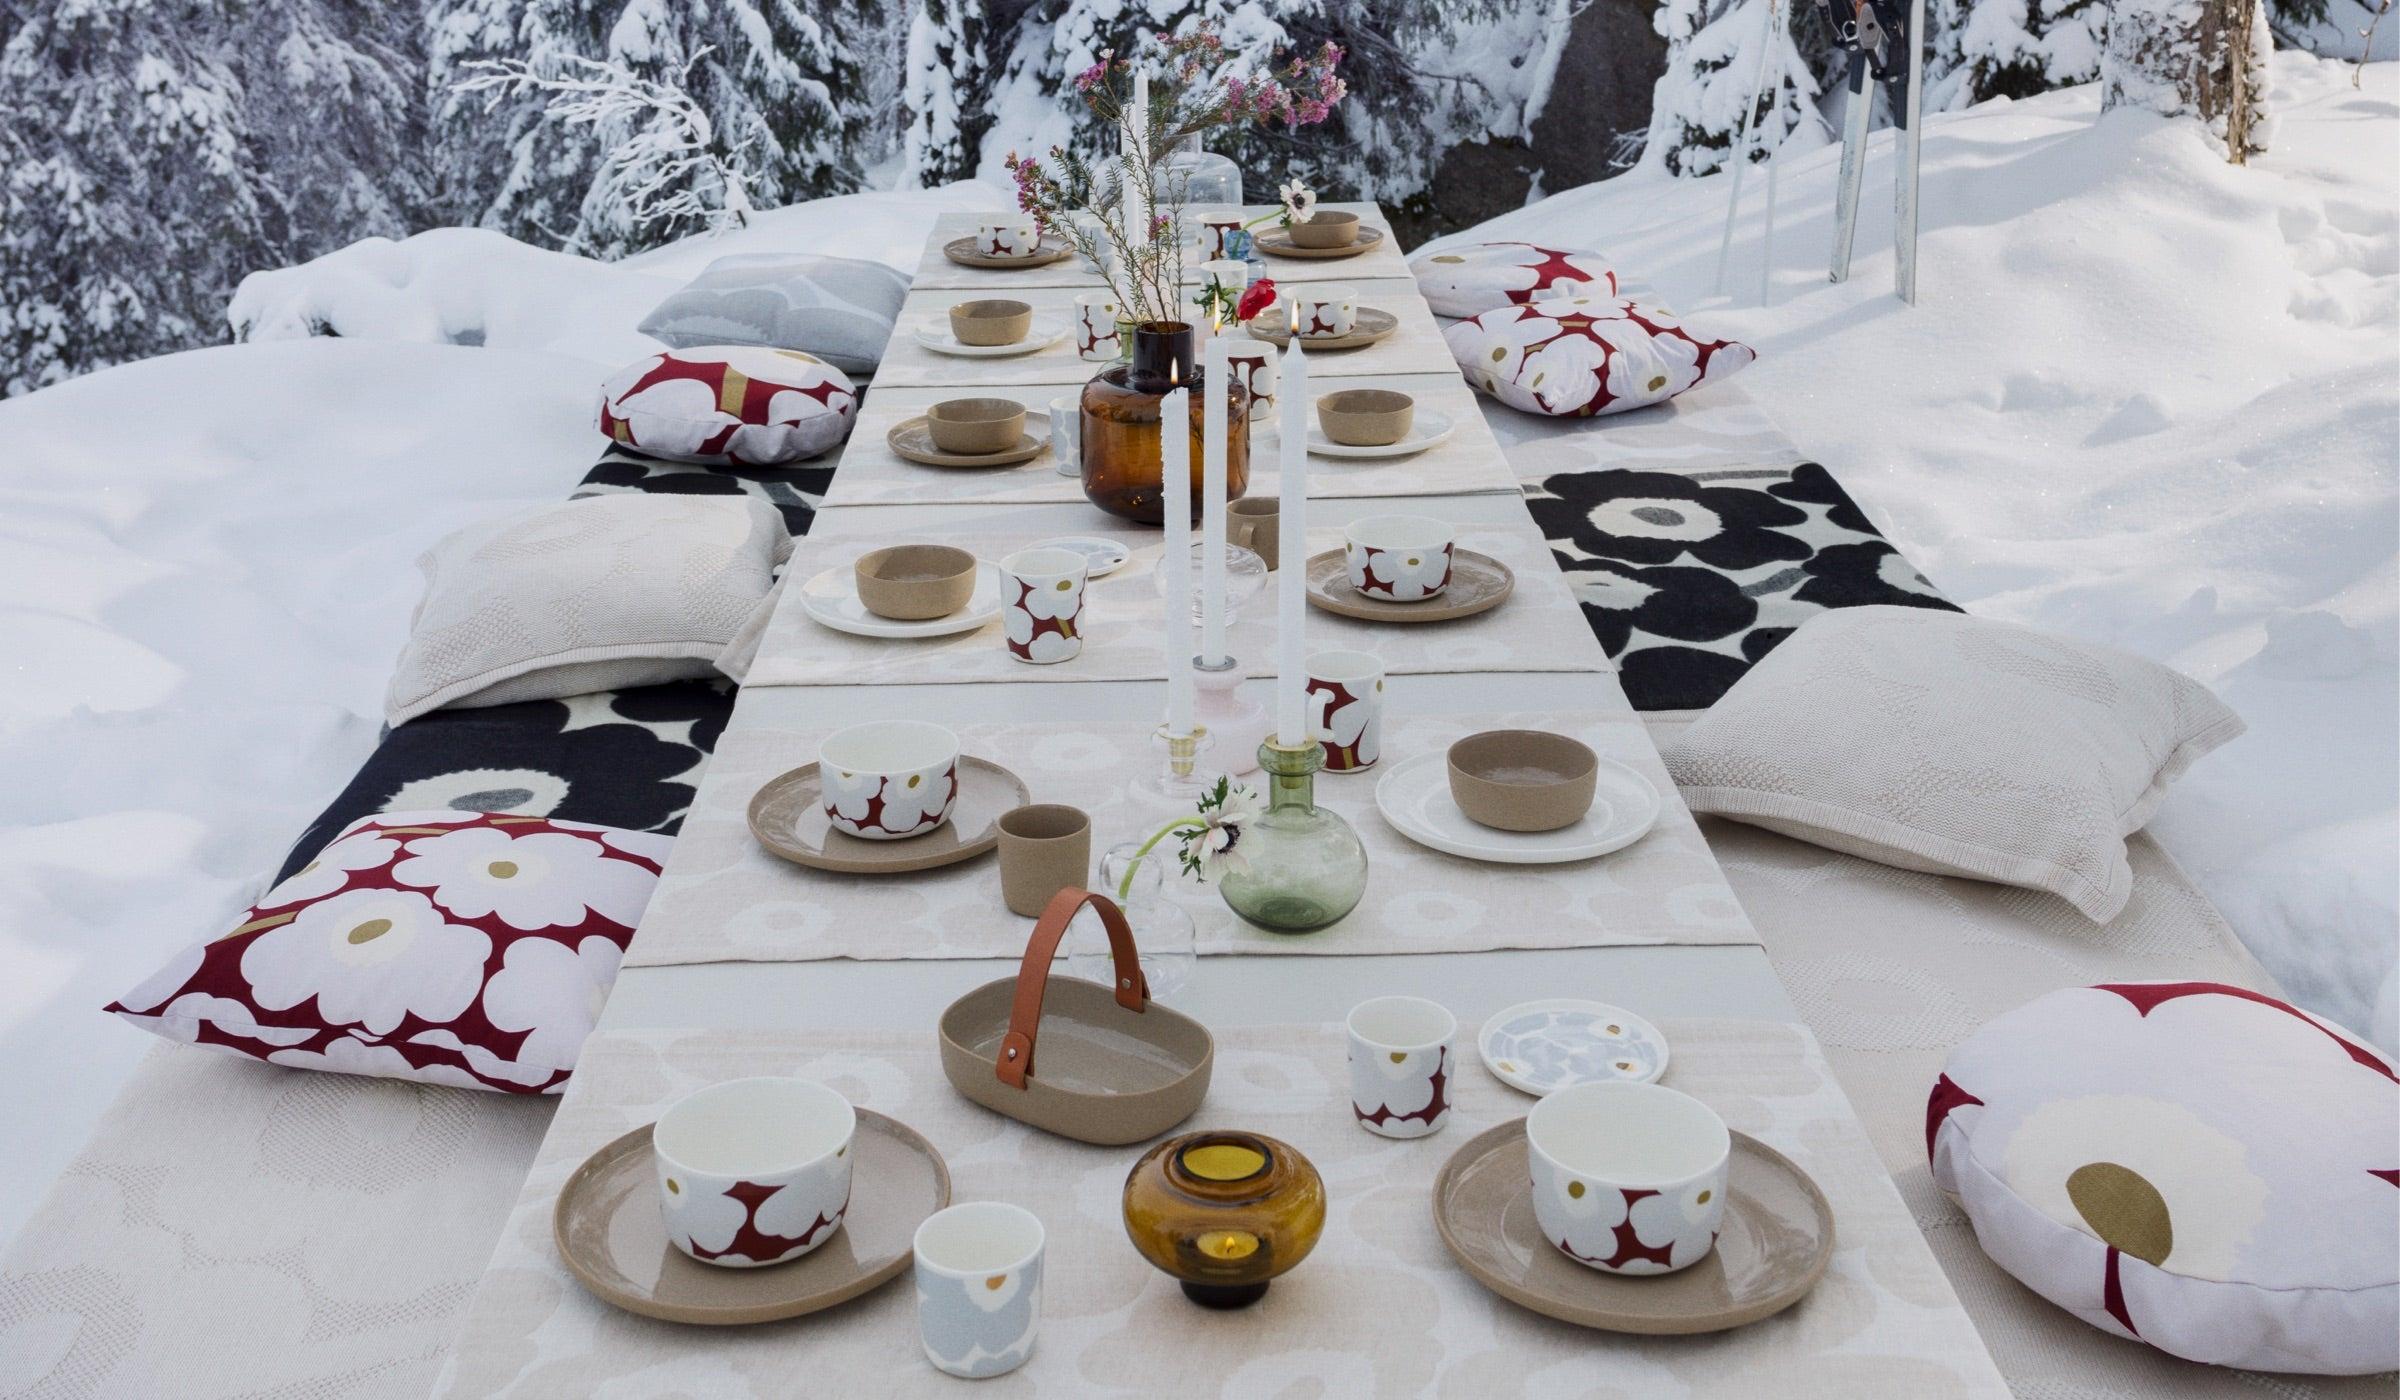 Marimekko home collection